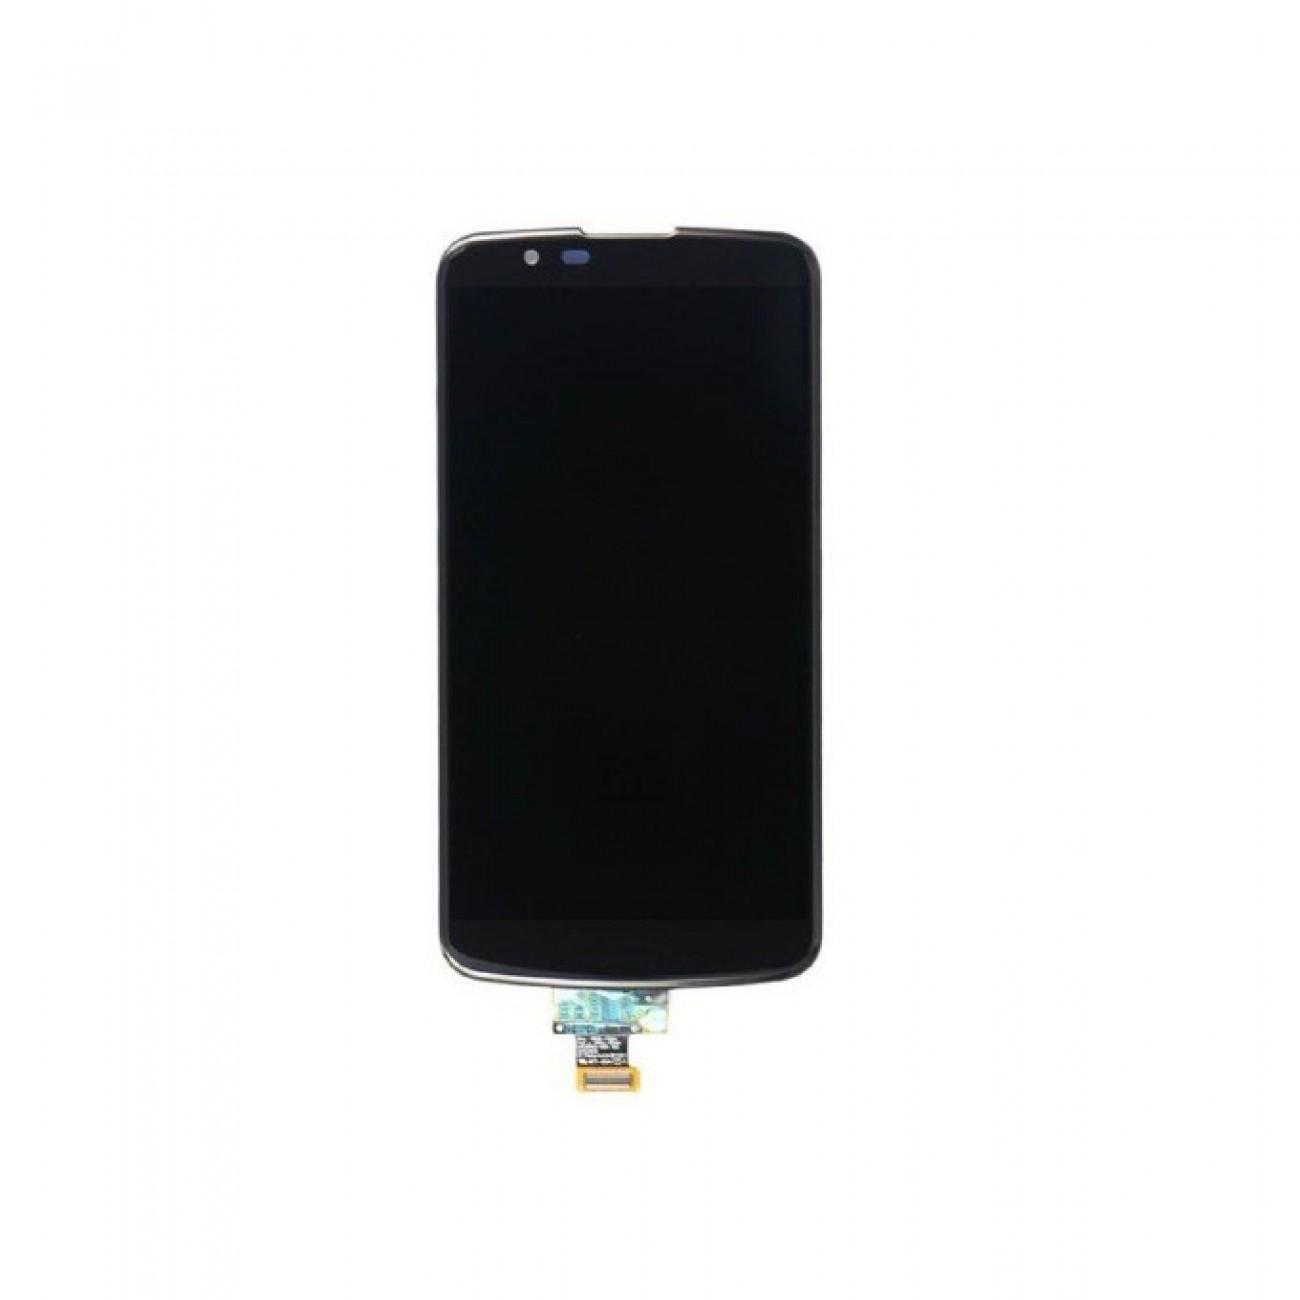 Дисплей зa LG K8 (K350N), LCD Original, touch, черен в Резервни части -    Alleop